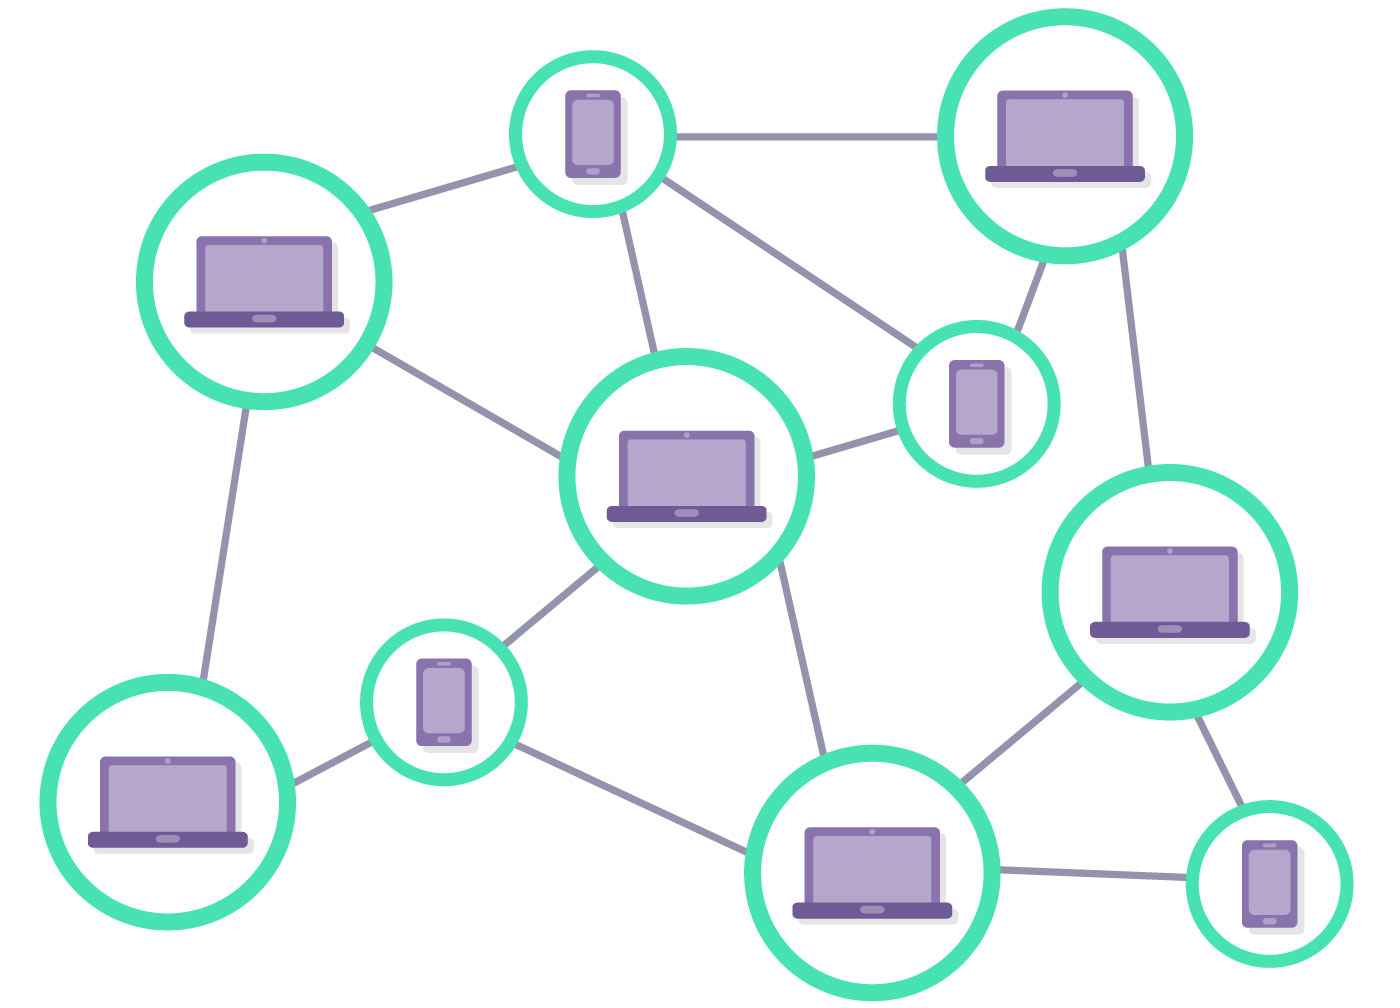 Blockchain as a peer-to-peer network